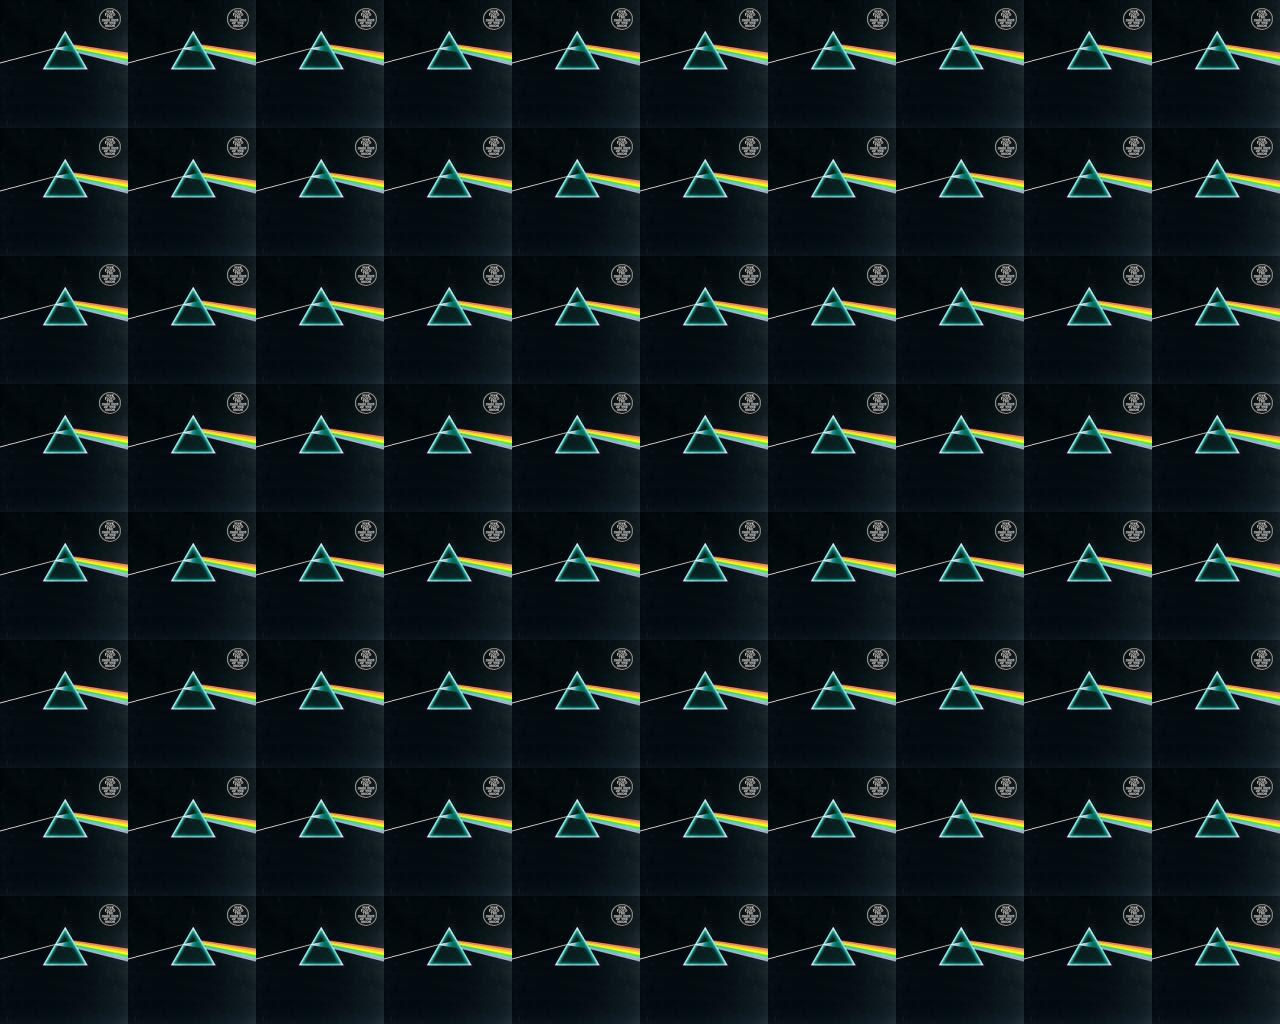 Pink Floyd Dark Side Moon Dark Side Moon Wallpaper Tiled Desktop